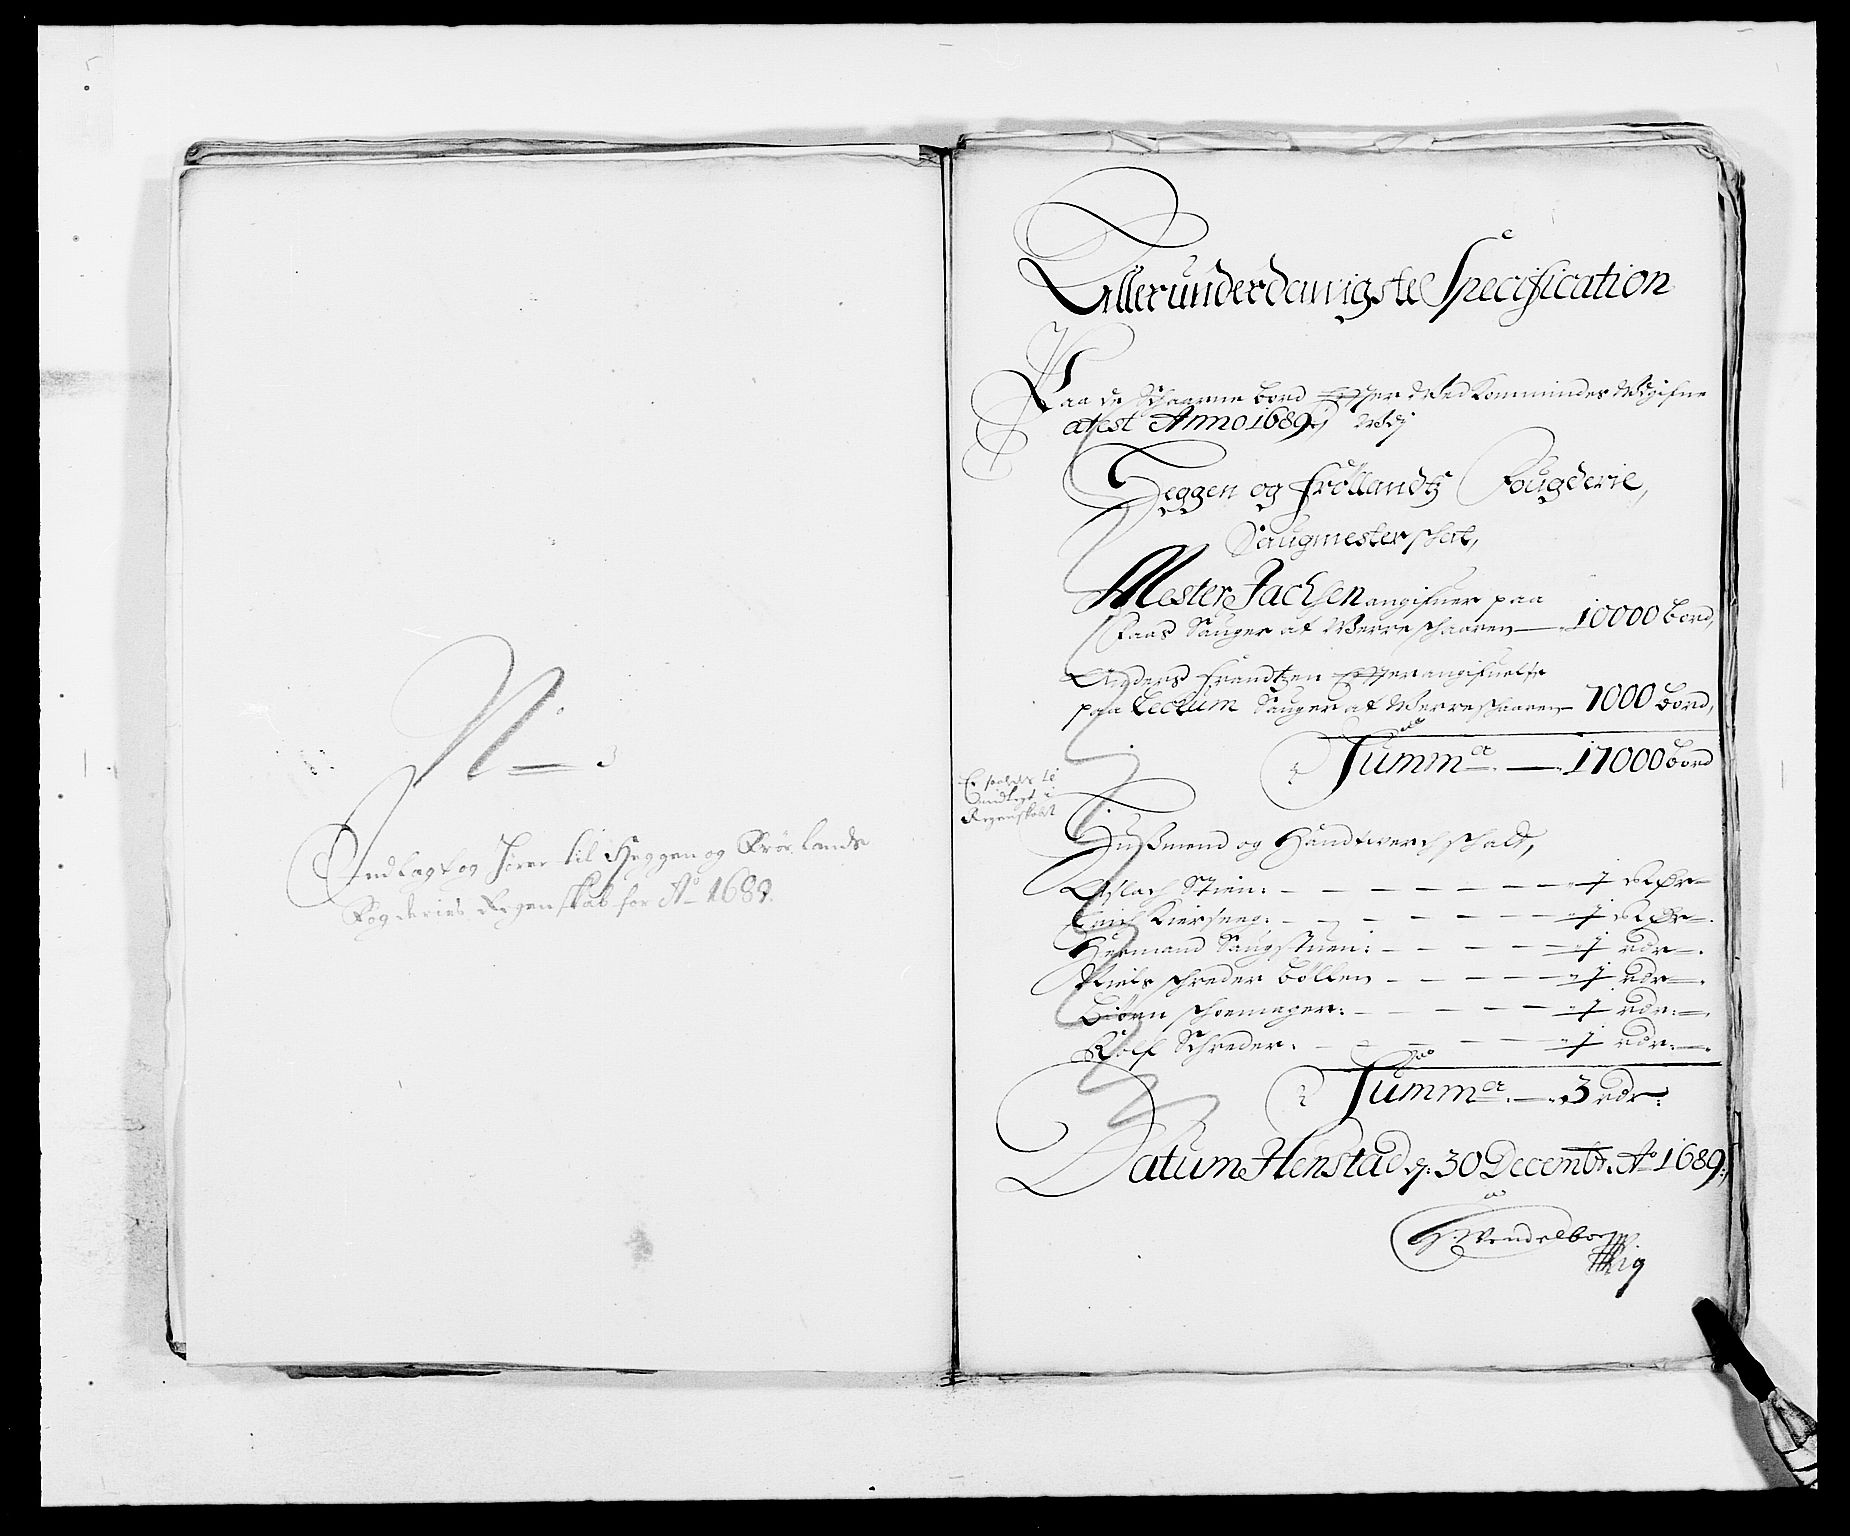 RA, Rentekammeret inntil 1814, Reviderte regnskaper, Fogderegnskap, R06/L0282: Fogderegnskap Heggen og Frøland, 1687-1690, s. 151